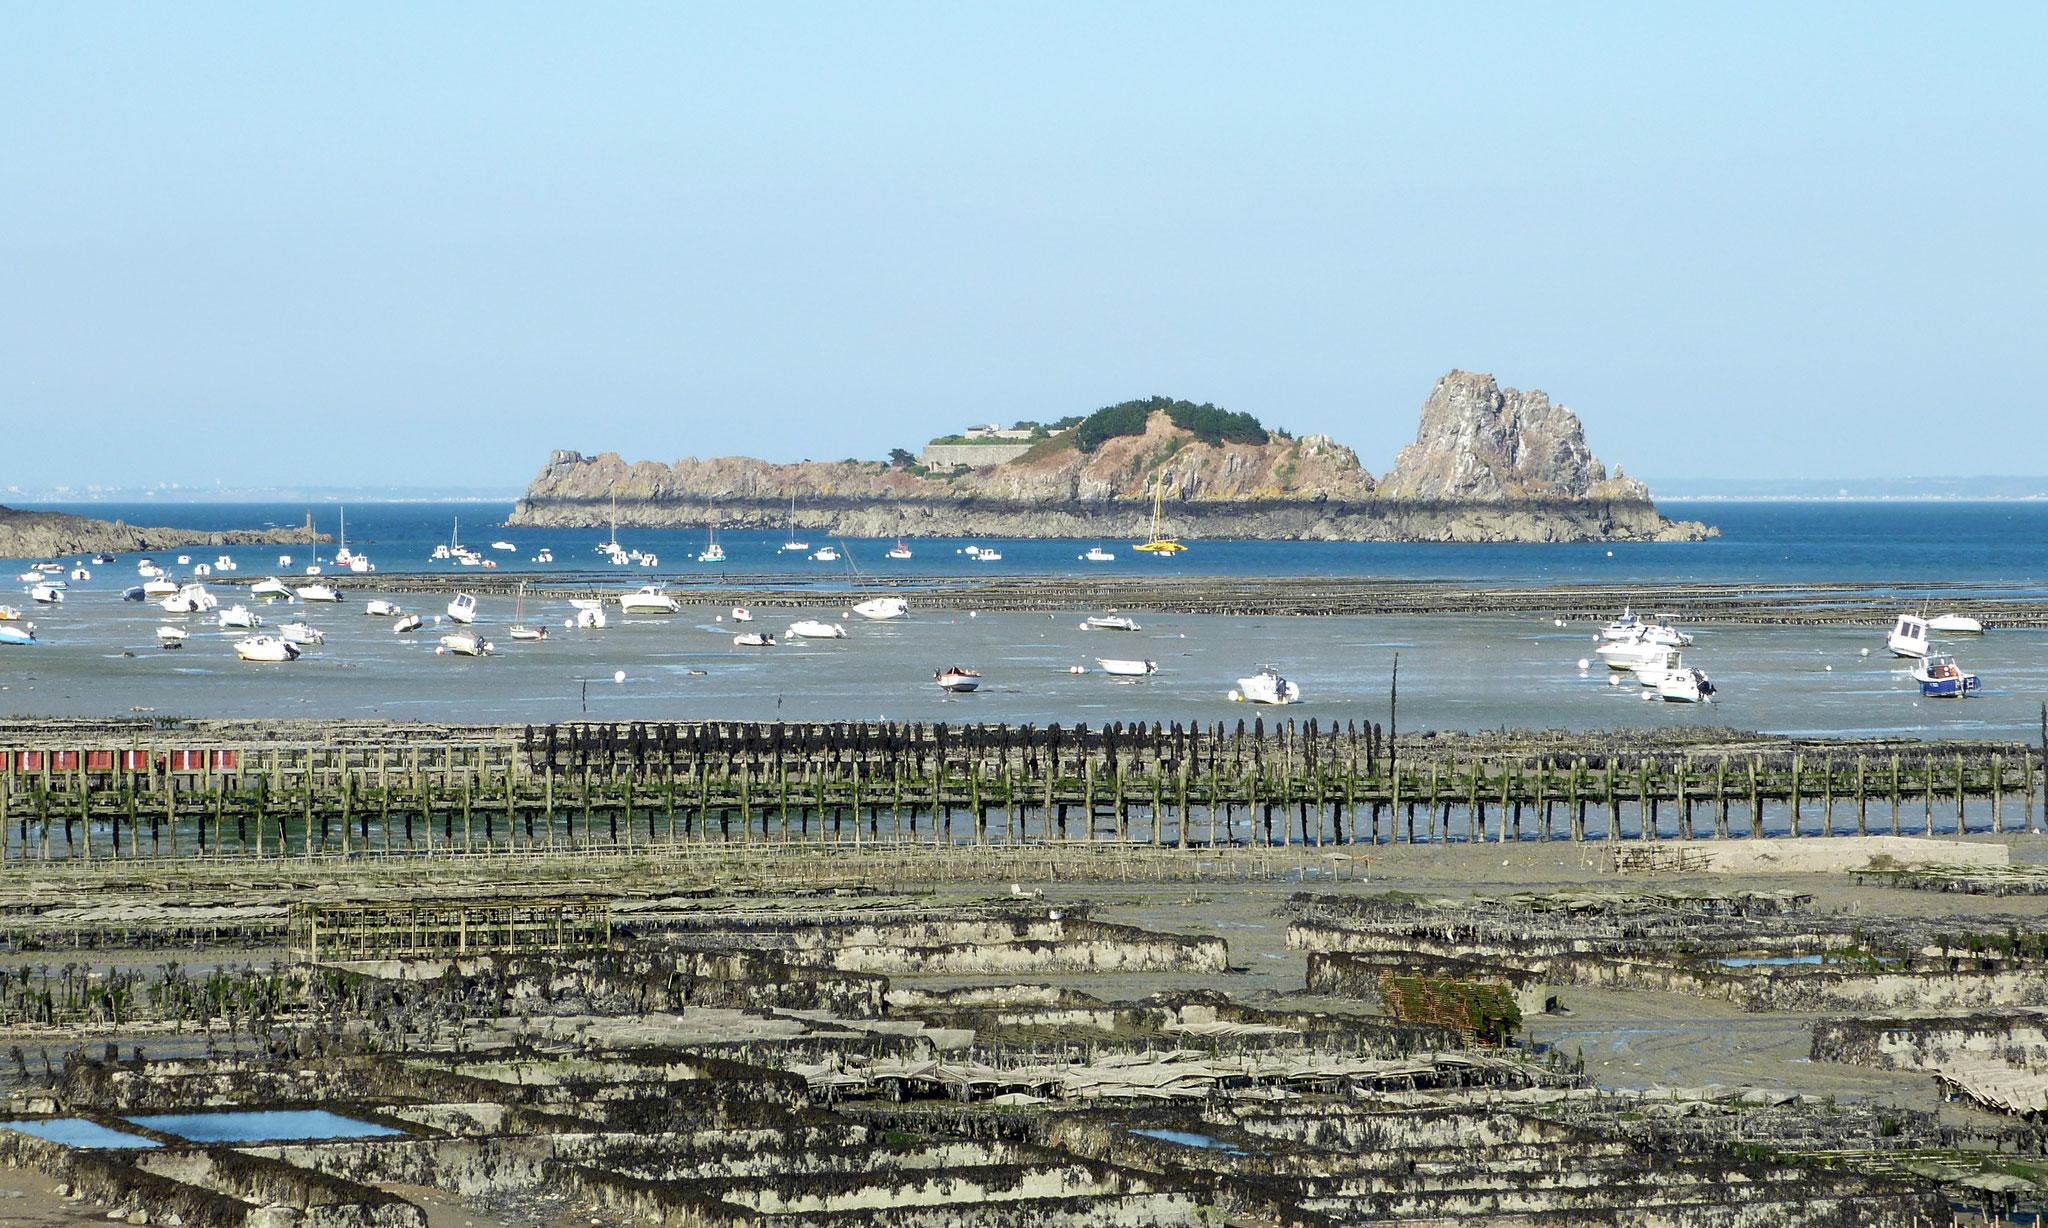 Les parcs à huîtres, le Rocher de Cancale et l'ile des Rimains